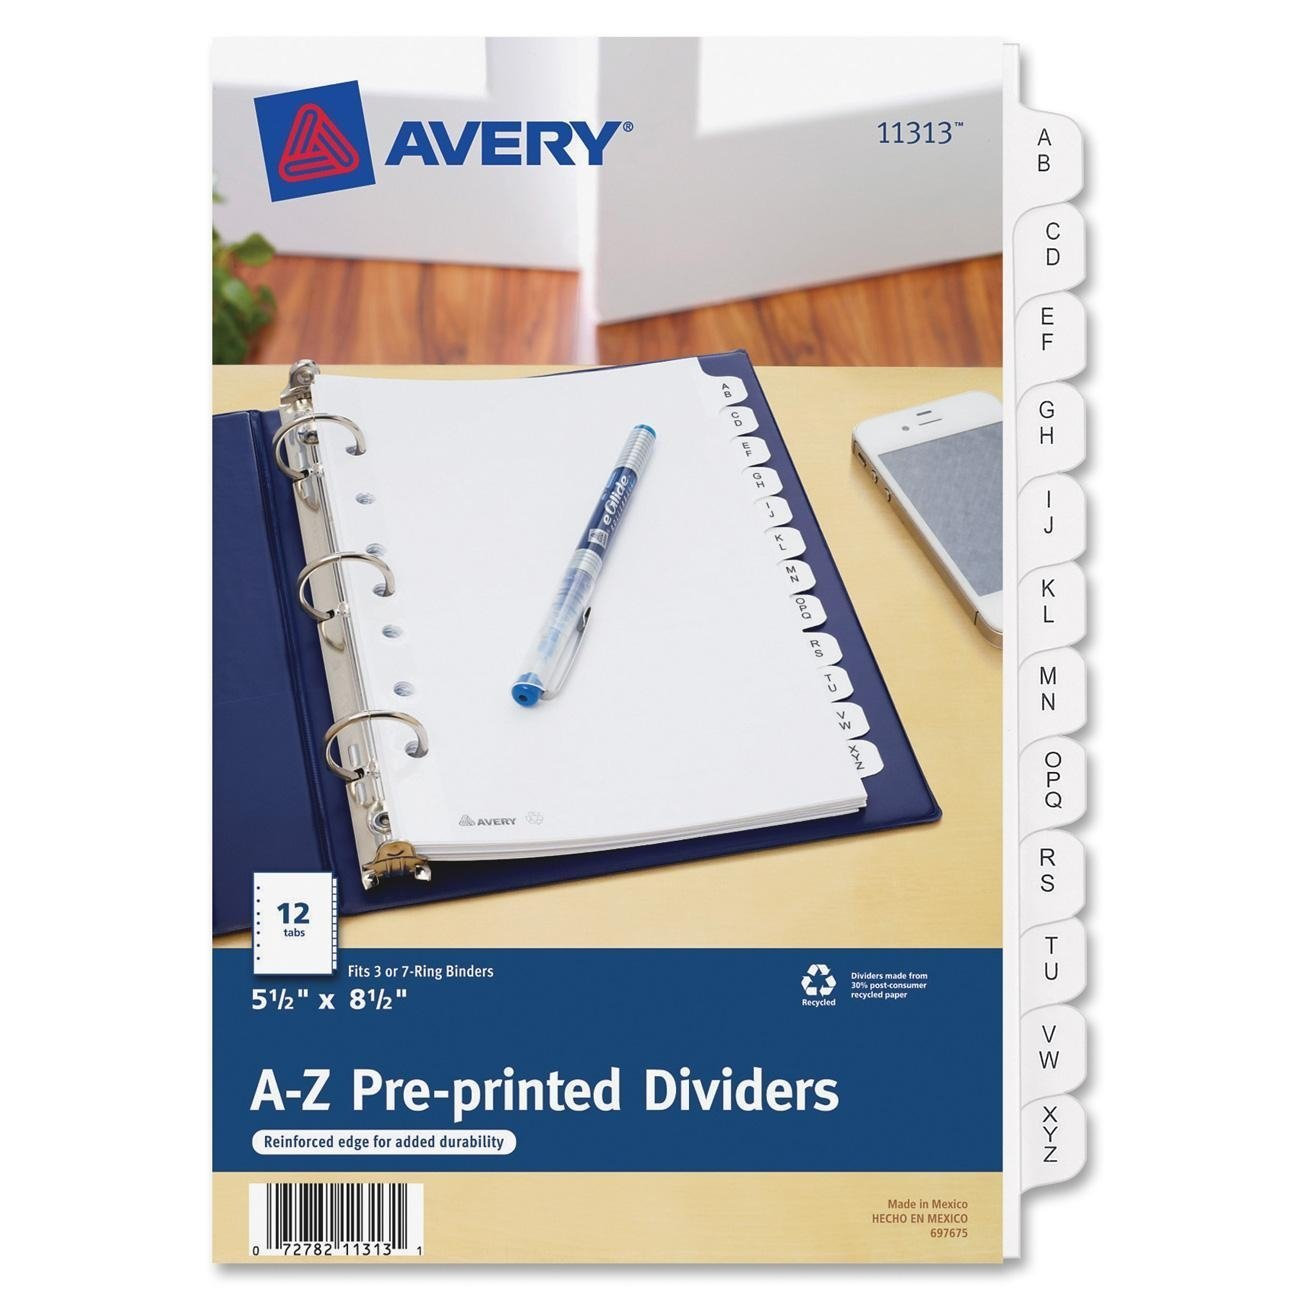 Avery Preprinted Tab Dividers, 12-Tab, 8 1/2 x 5 1/2